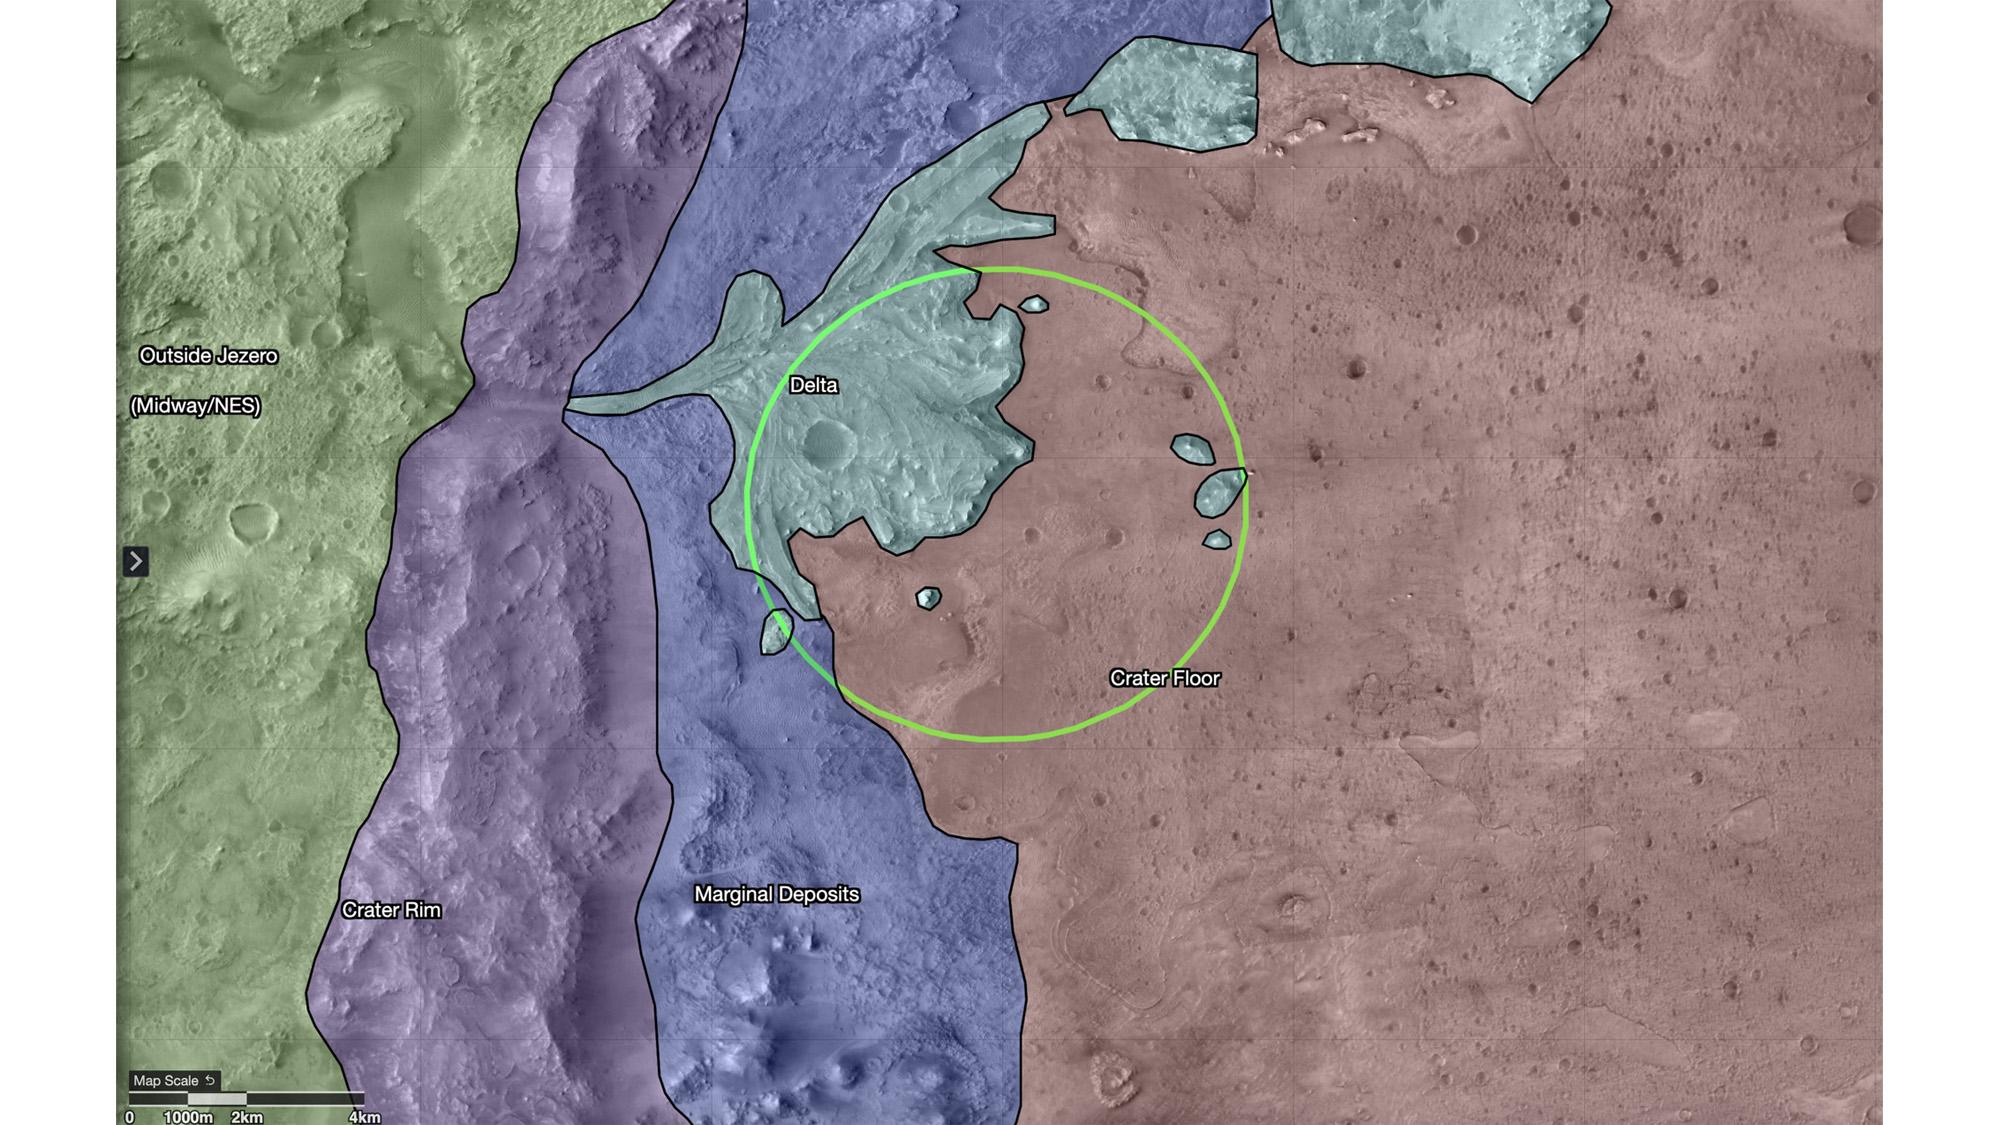 Cette carte montre les régions dans et autour du cratère Jezero sur Mars, le site d'atterrissage du rover Perseverance de la NASA.  Le cercle vert représente l'ellipse d'atterrissage du rover.  La carte a été créée dans un outil appelé Campaign Analysis Mapping and Planning (CAMP), développé par le Jet Propulsion Laboratory de la NASA, une division de Caltech en Californie du Sud, qui gère la mission du rover Mars 2020 Perseverance pour la Direction des missions scientifiques de la NASA à Washington.  Les données de la carte ont été fournies par l'expérience scientifique d'imagerie à haute résolution (HiRISE), l'une des caméras à bord de Mars Reconnaissance Orbiter de la NASA, également gérée par le JPL.  L'Université de l'Arizona, à Tucson, exploite HiRISE, qui a été construit par Ball Aerospace & Technologies Corp., à Boulder, Colorado.